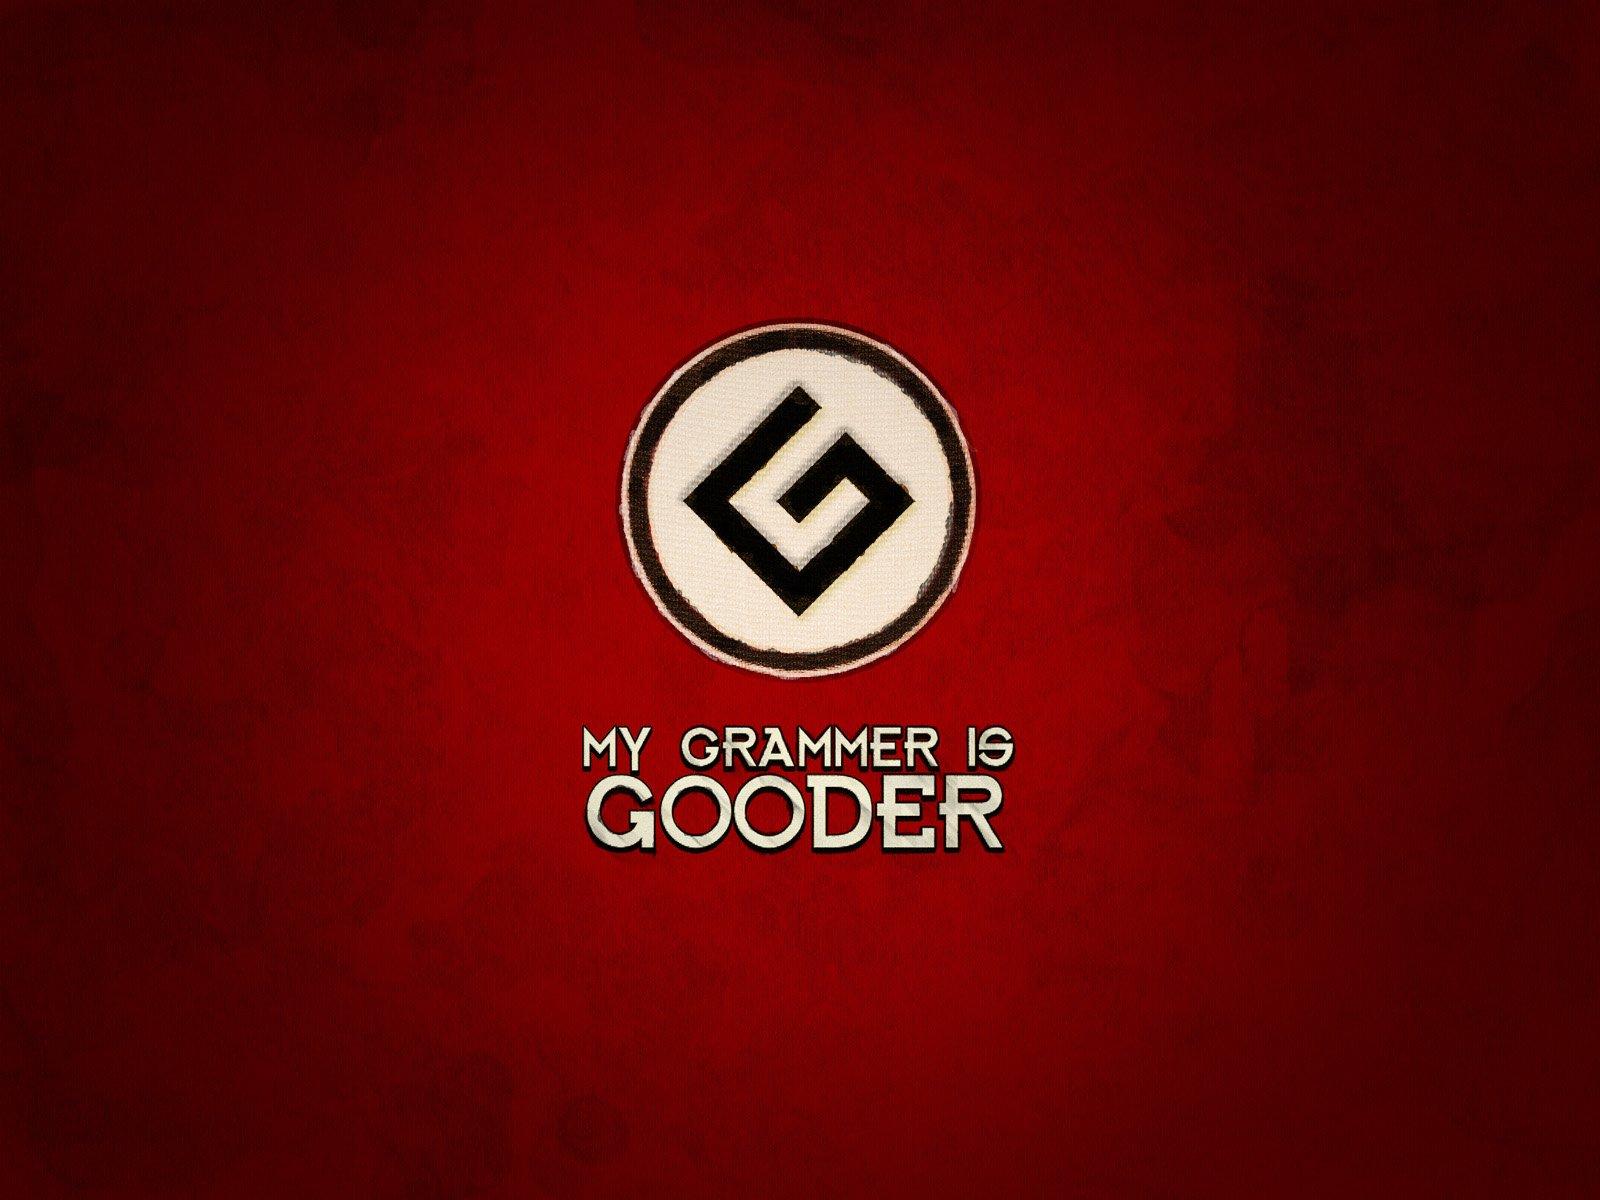 Humor - Funny  Grammar Nazi Wallpaper